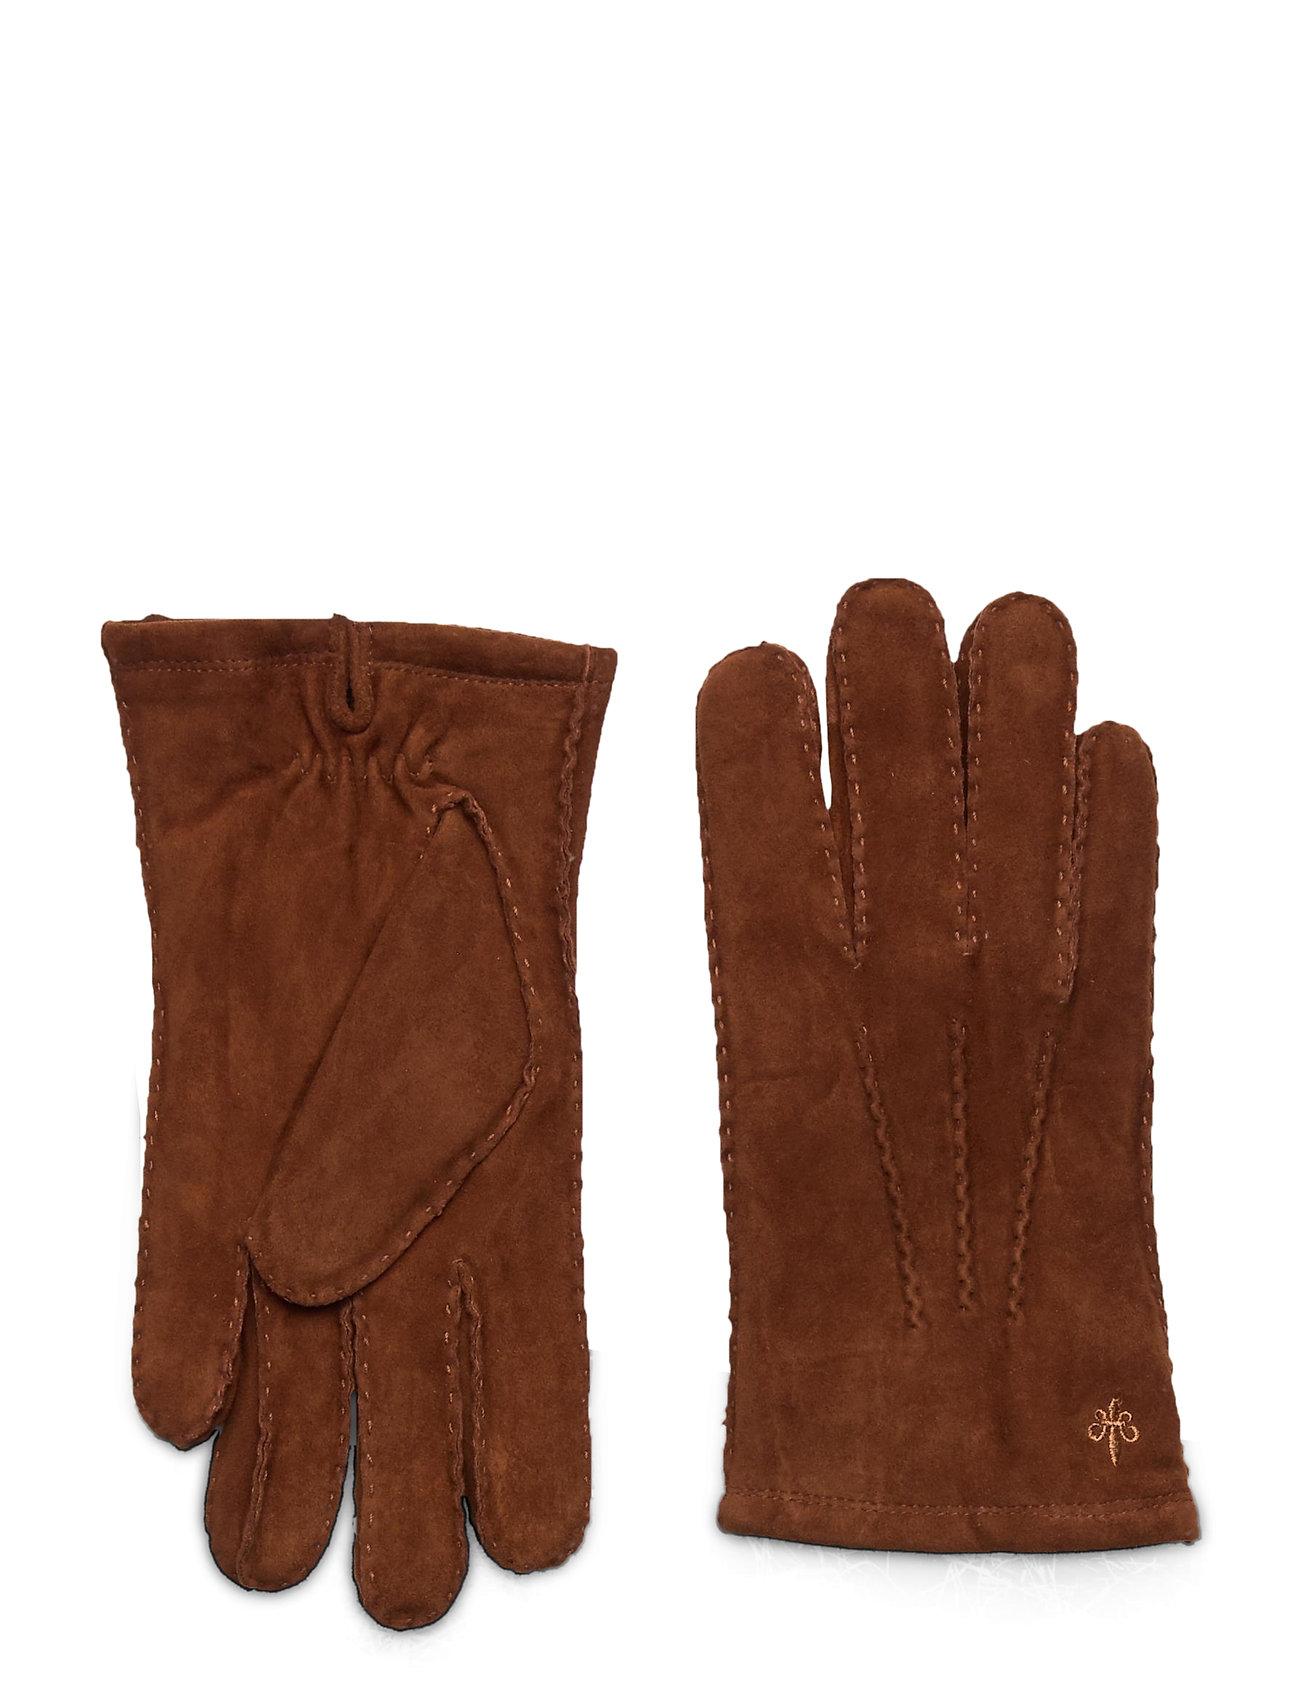 Image of Morris Suede Gloves Handsker Brun Morris (3486936903)